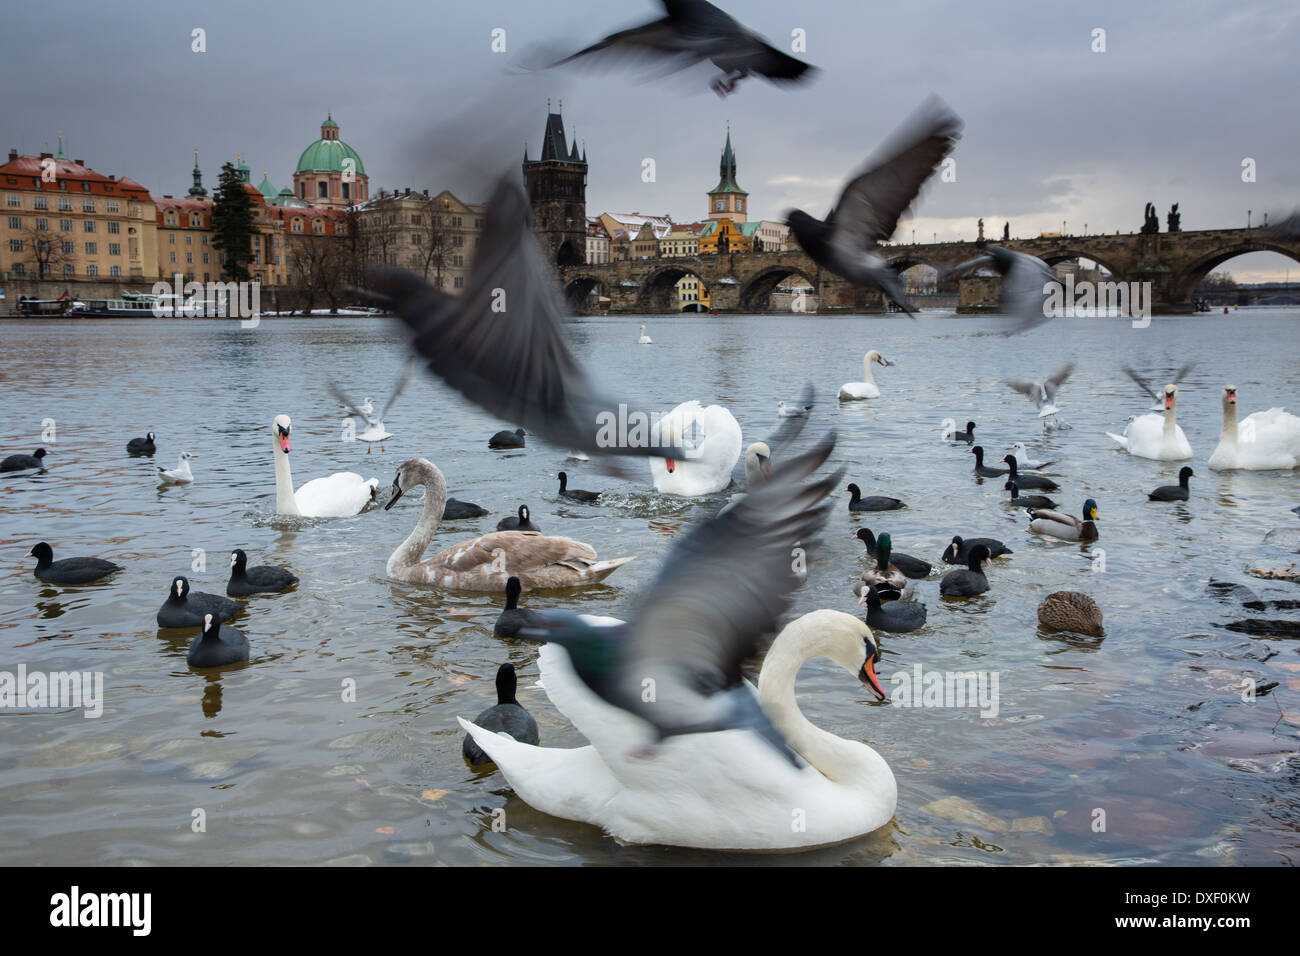 Cigni e gabbiani sul fiume Moldava con Charles Bridge al di là, Praga, Repubblica Ceca Immagini Stock